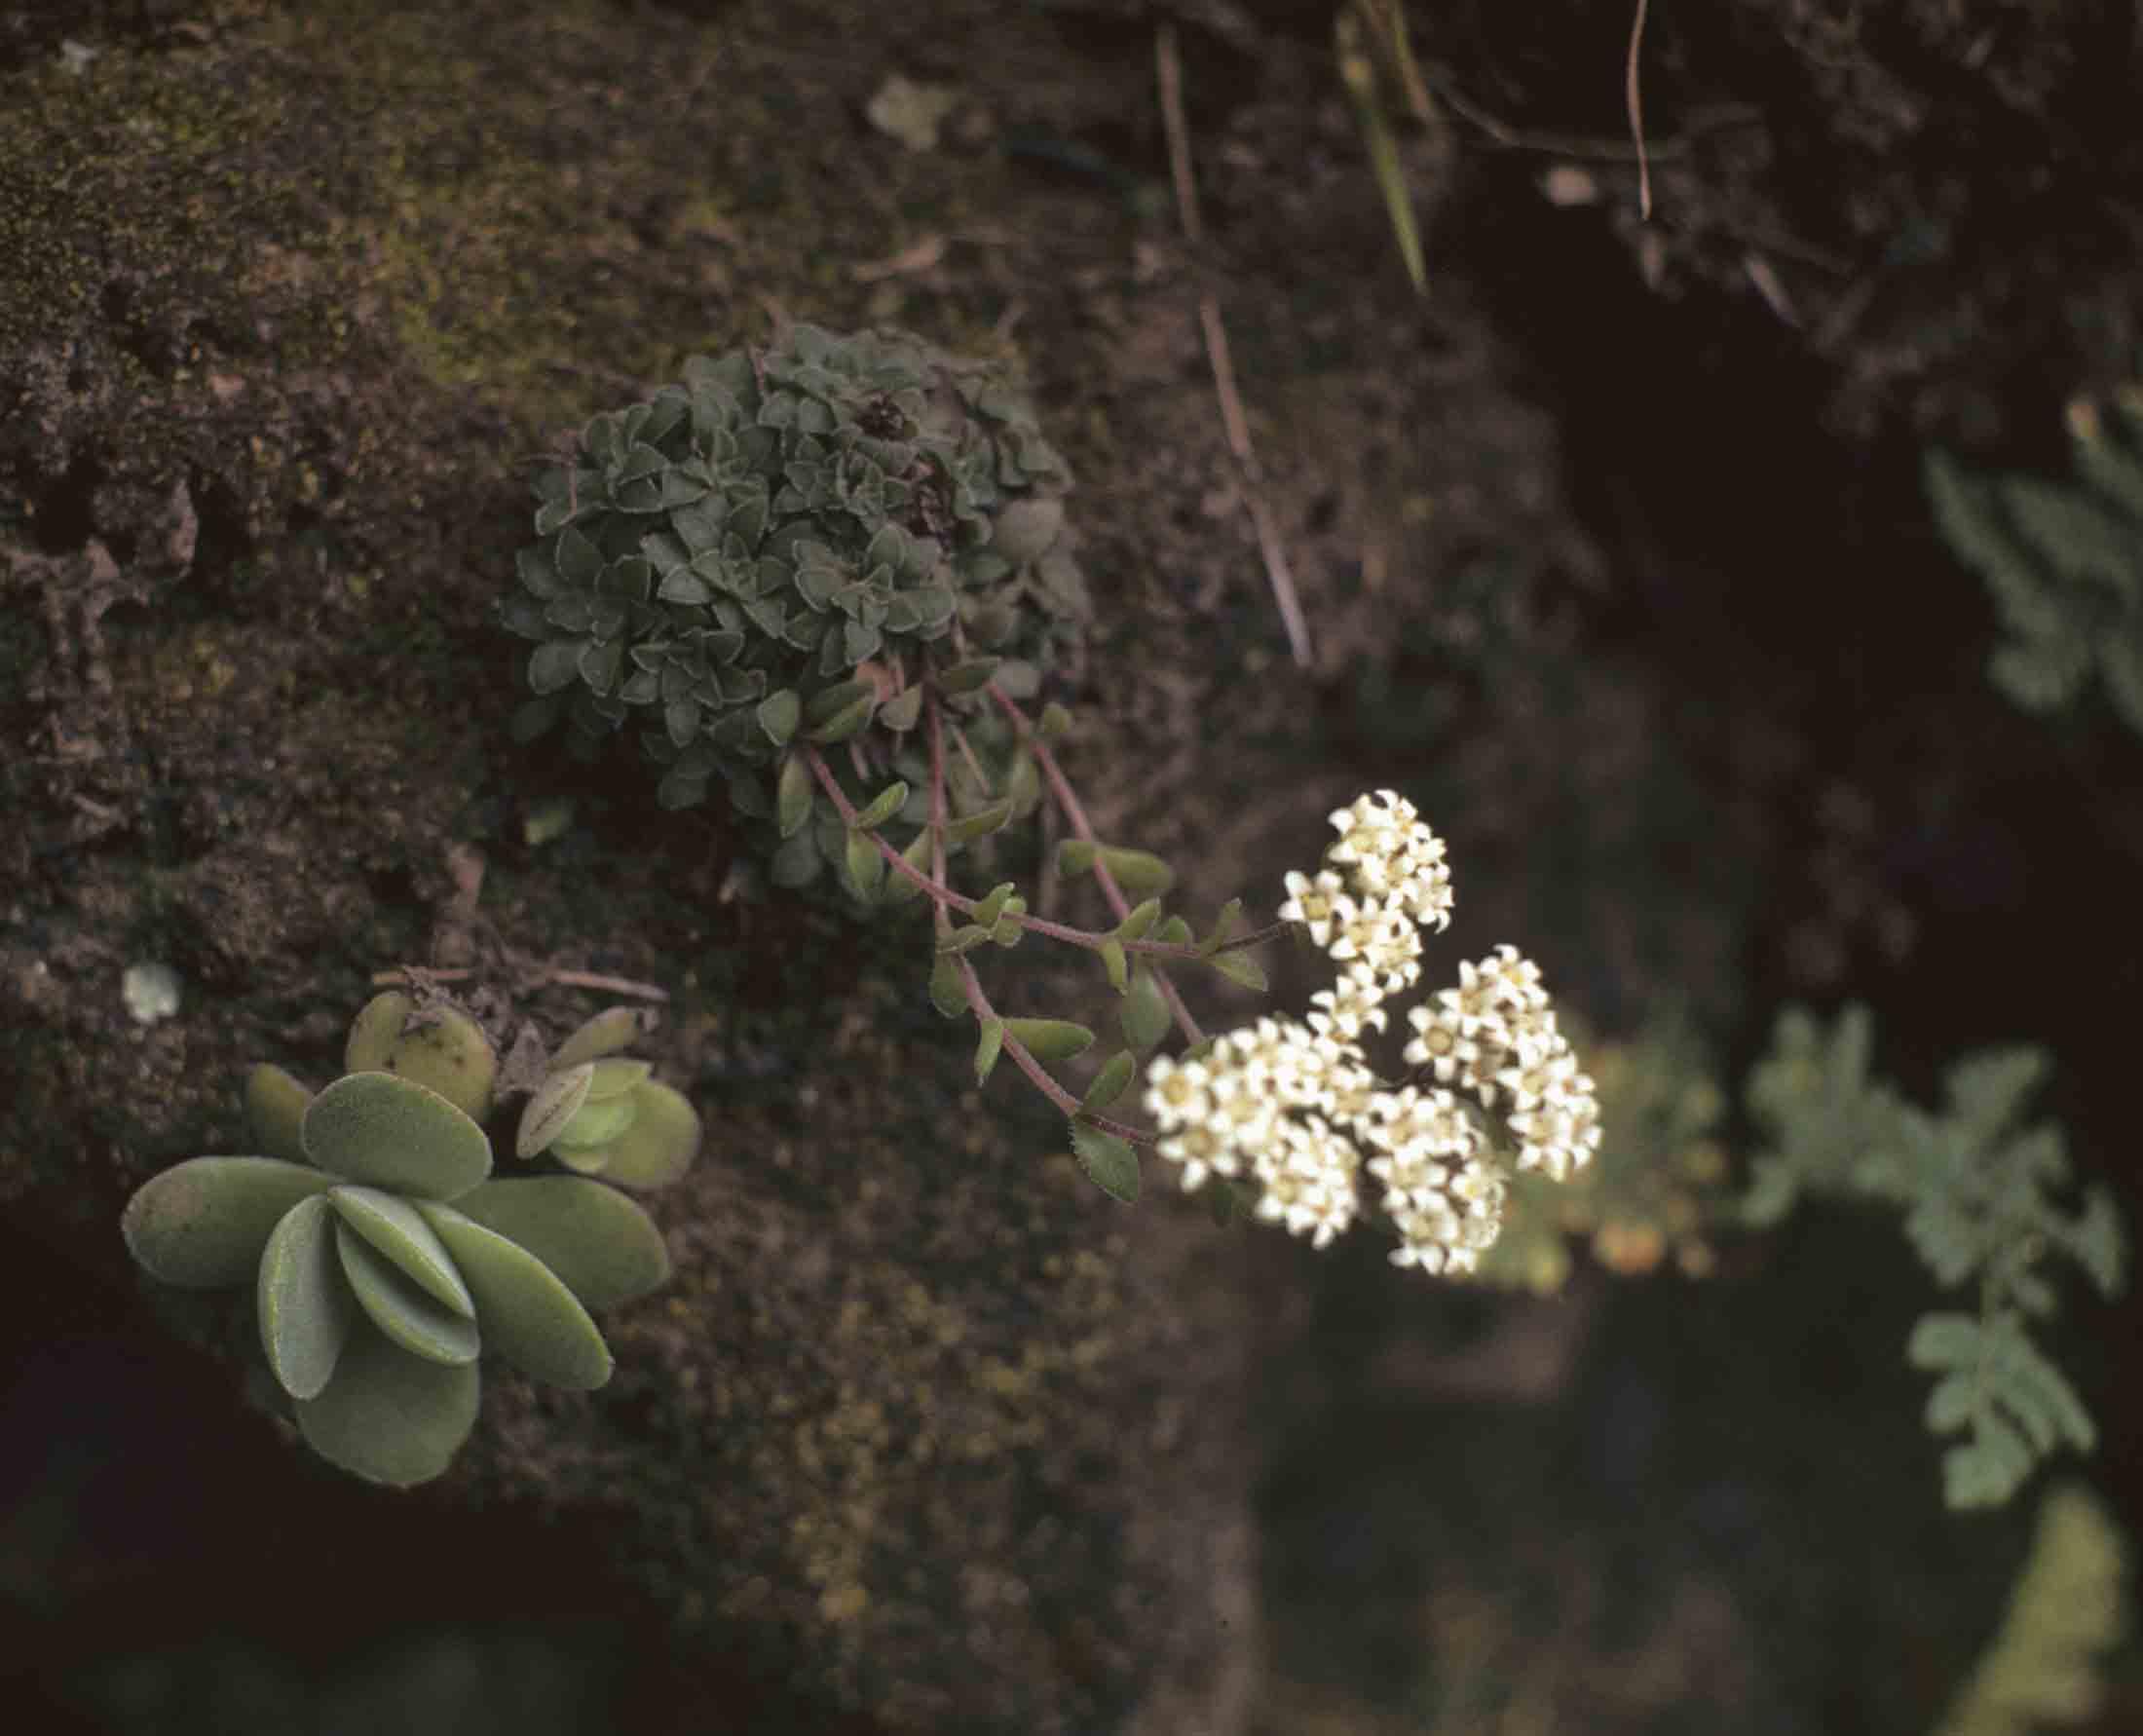 Crassula setulosa var. setulosa